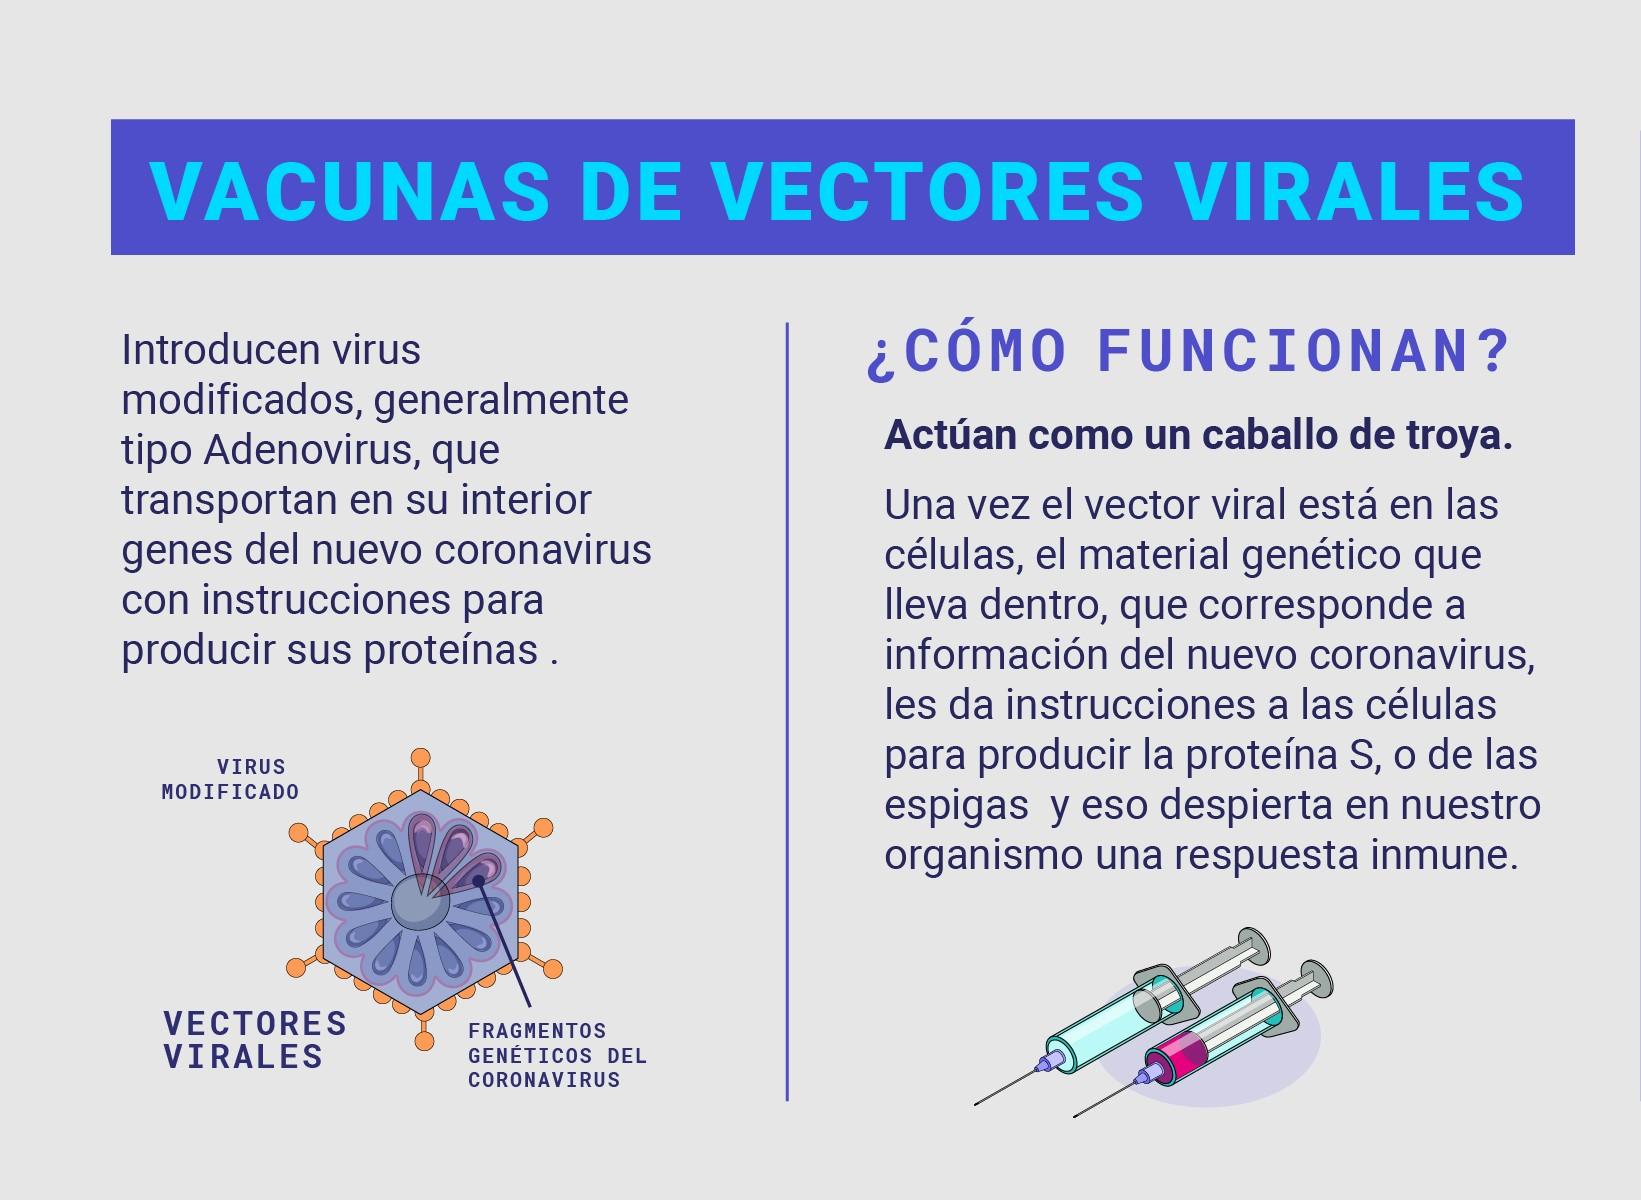 Vacunas_vectores_virales